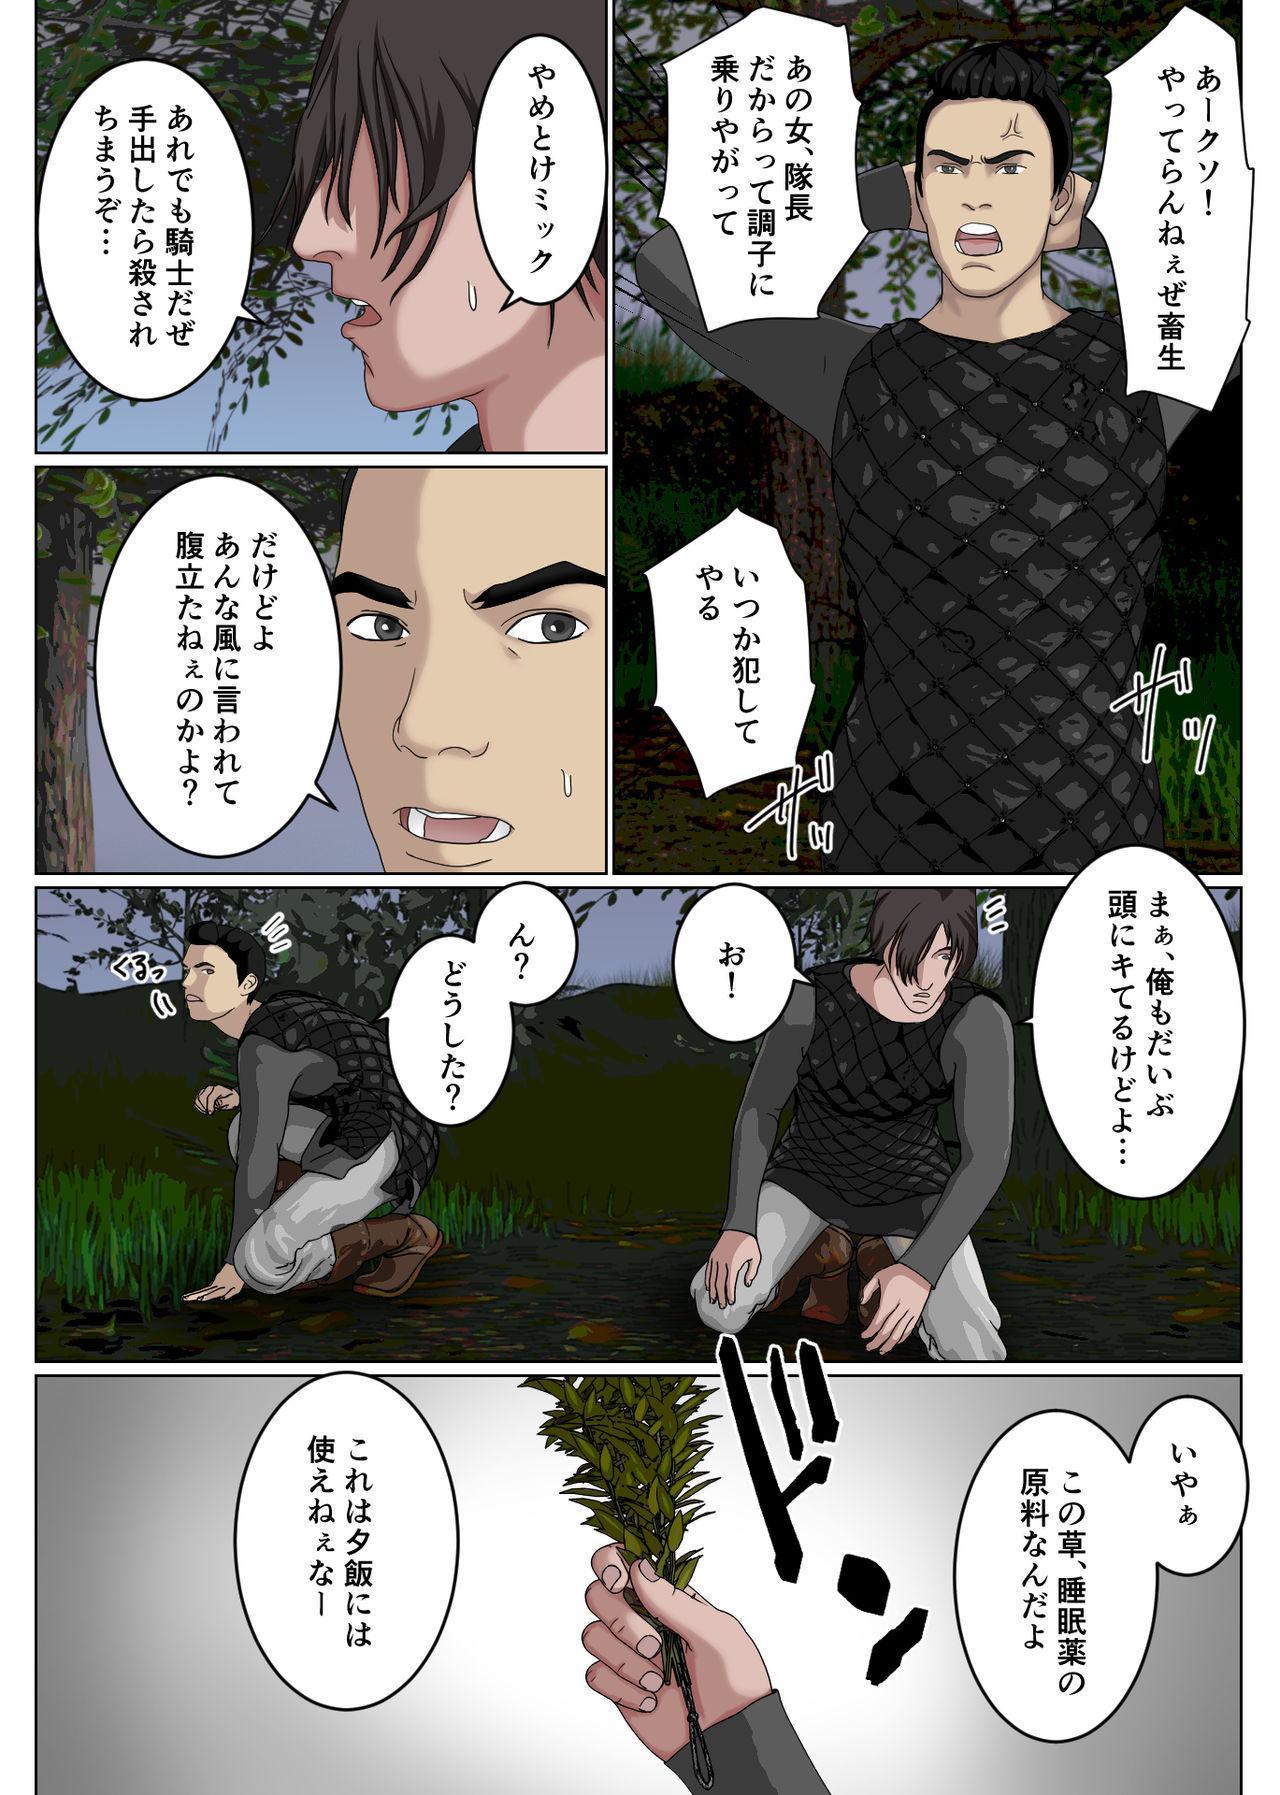 Namaiki na Onna Kishi Taichou ga Buka ni Gekokujou sarete Takusan Hidoi Me ni Au nante... 4